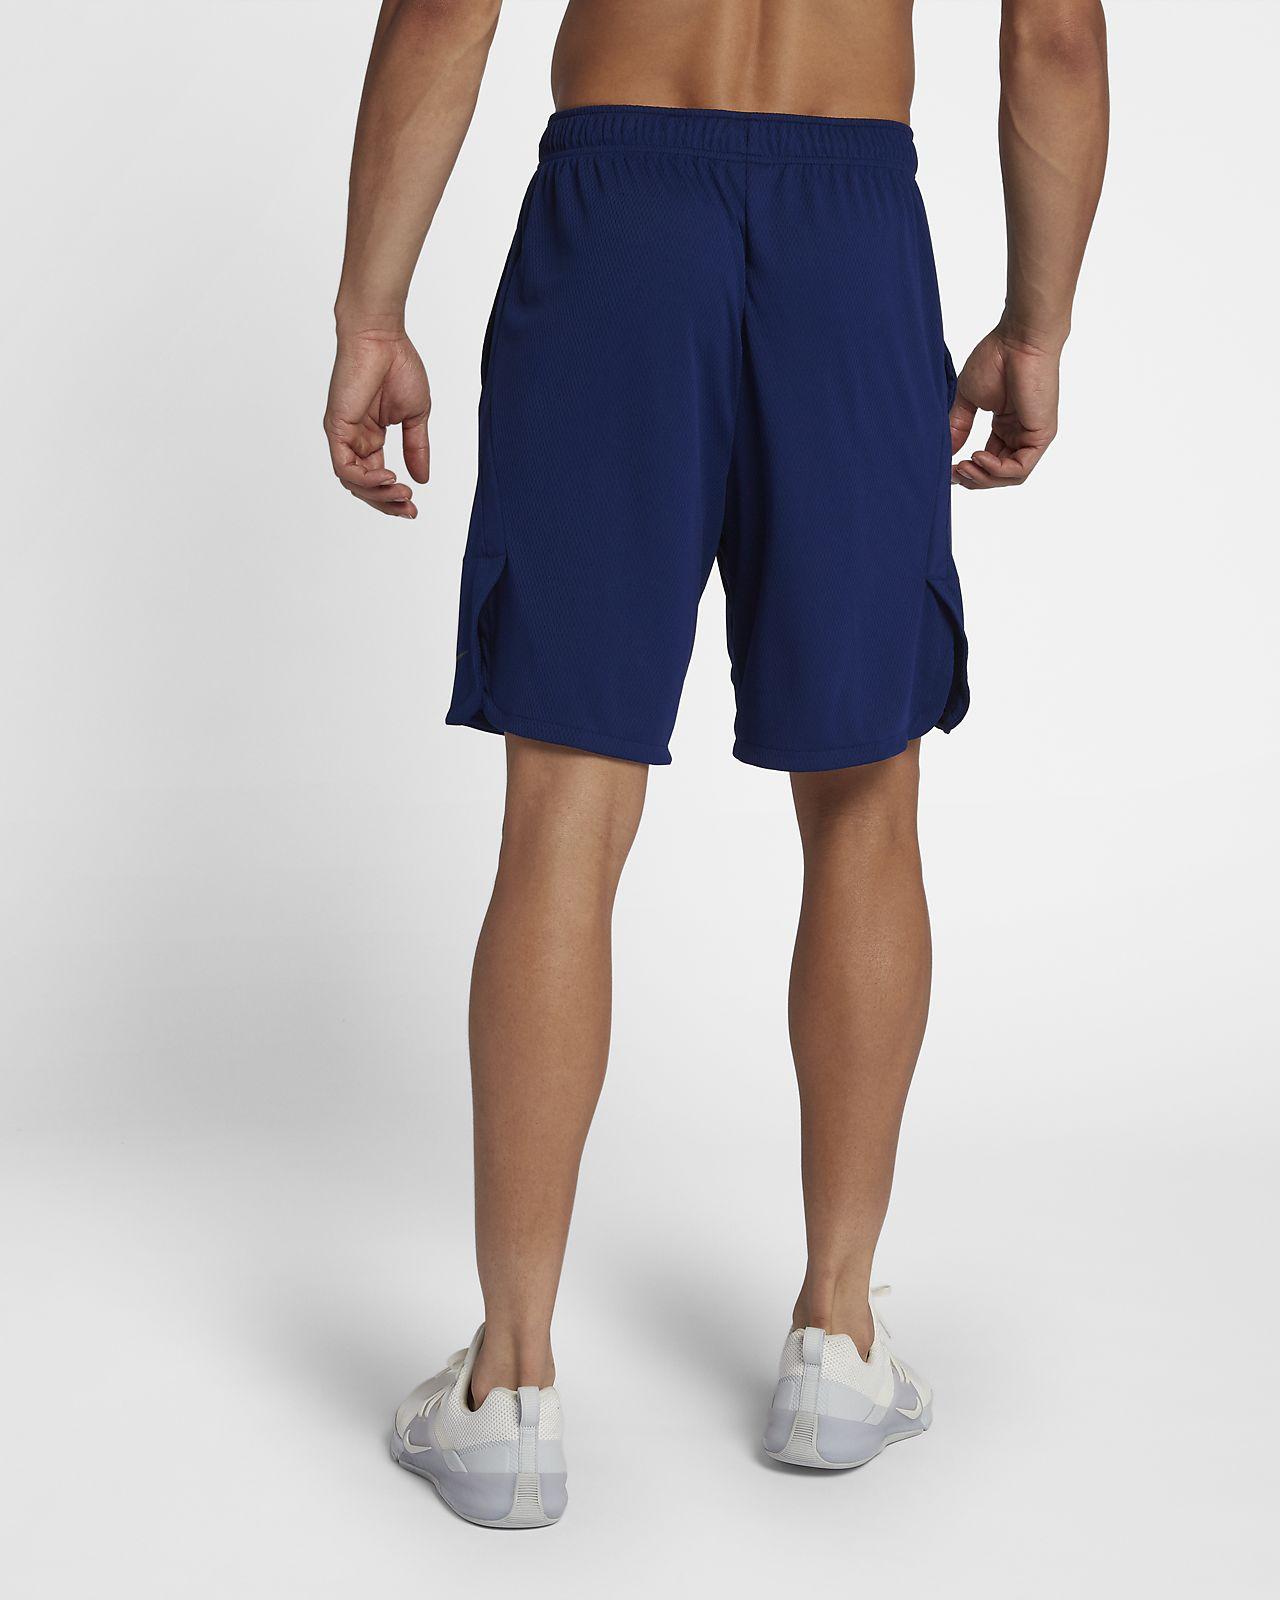 6fb14e7639fc Nike Dri-FIT Men s Woven 9